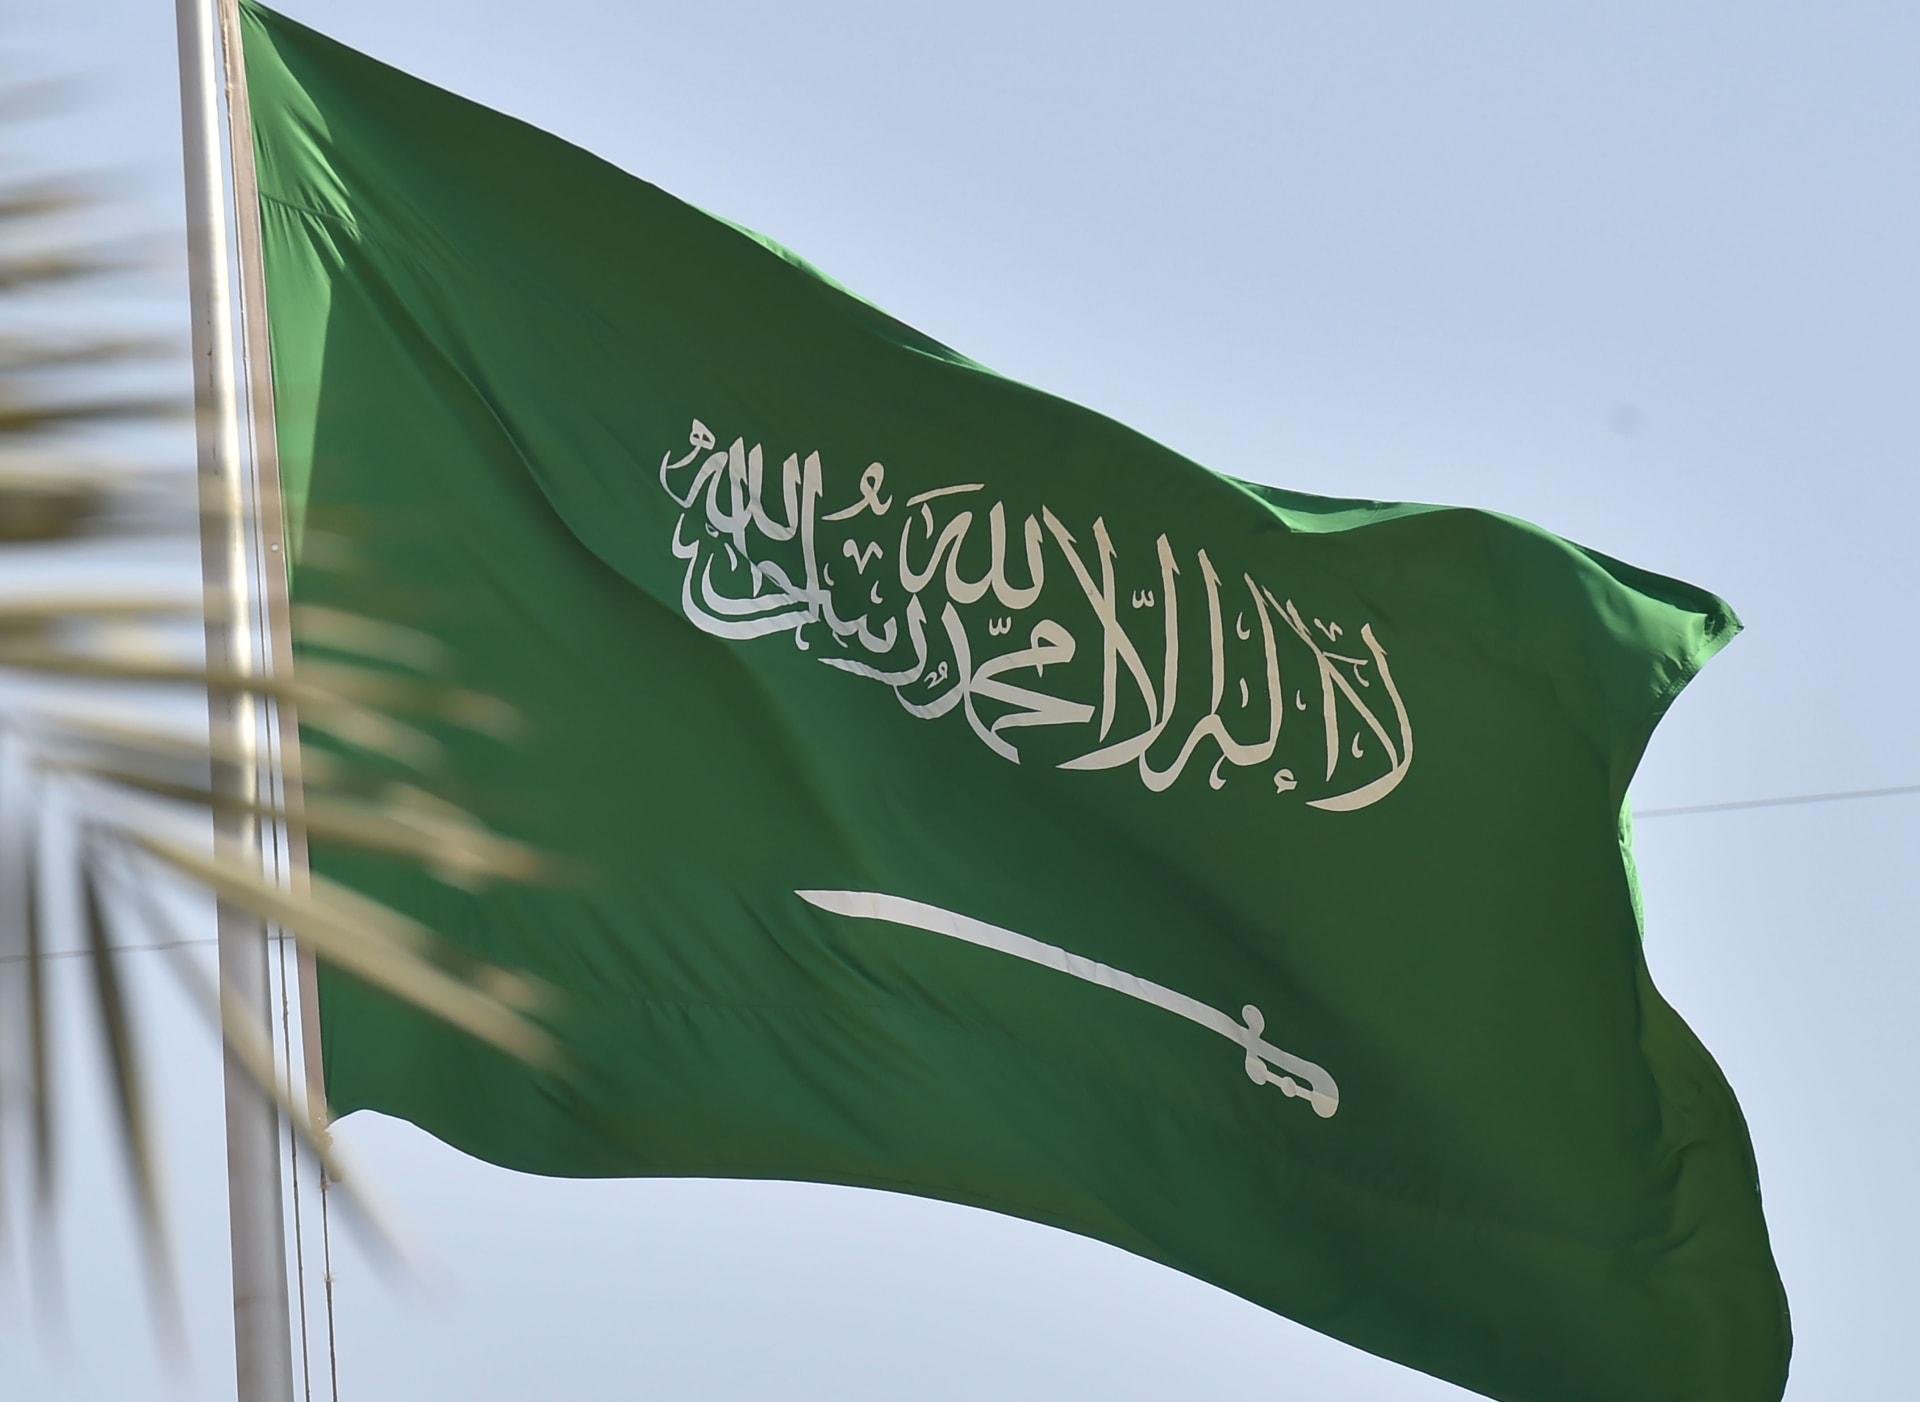 السعودية تعلن القبض على مواطن بتهمة الإساءة للسيدة عائشة